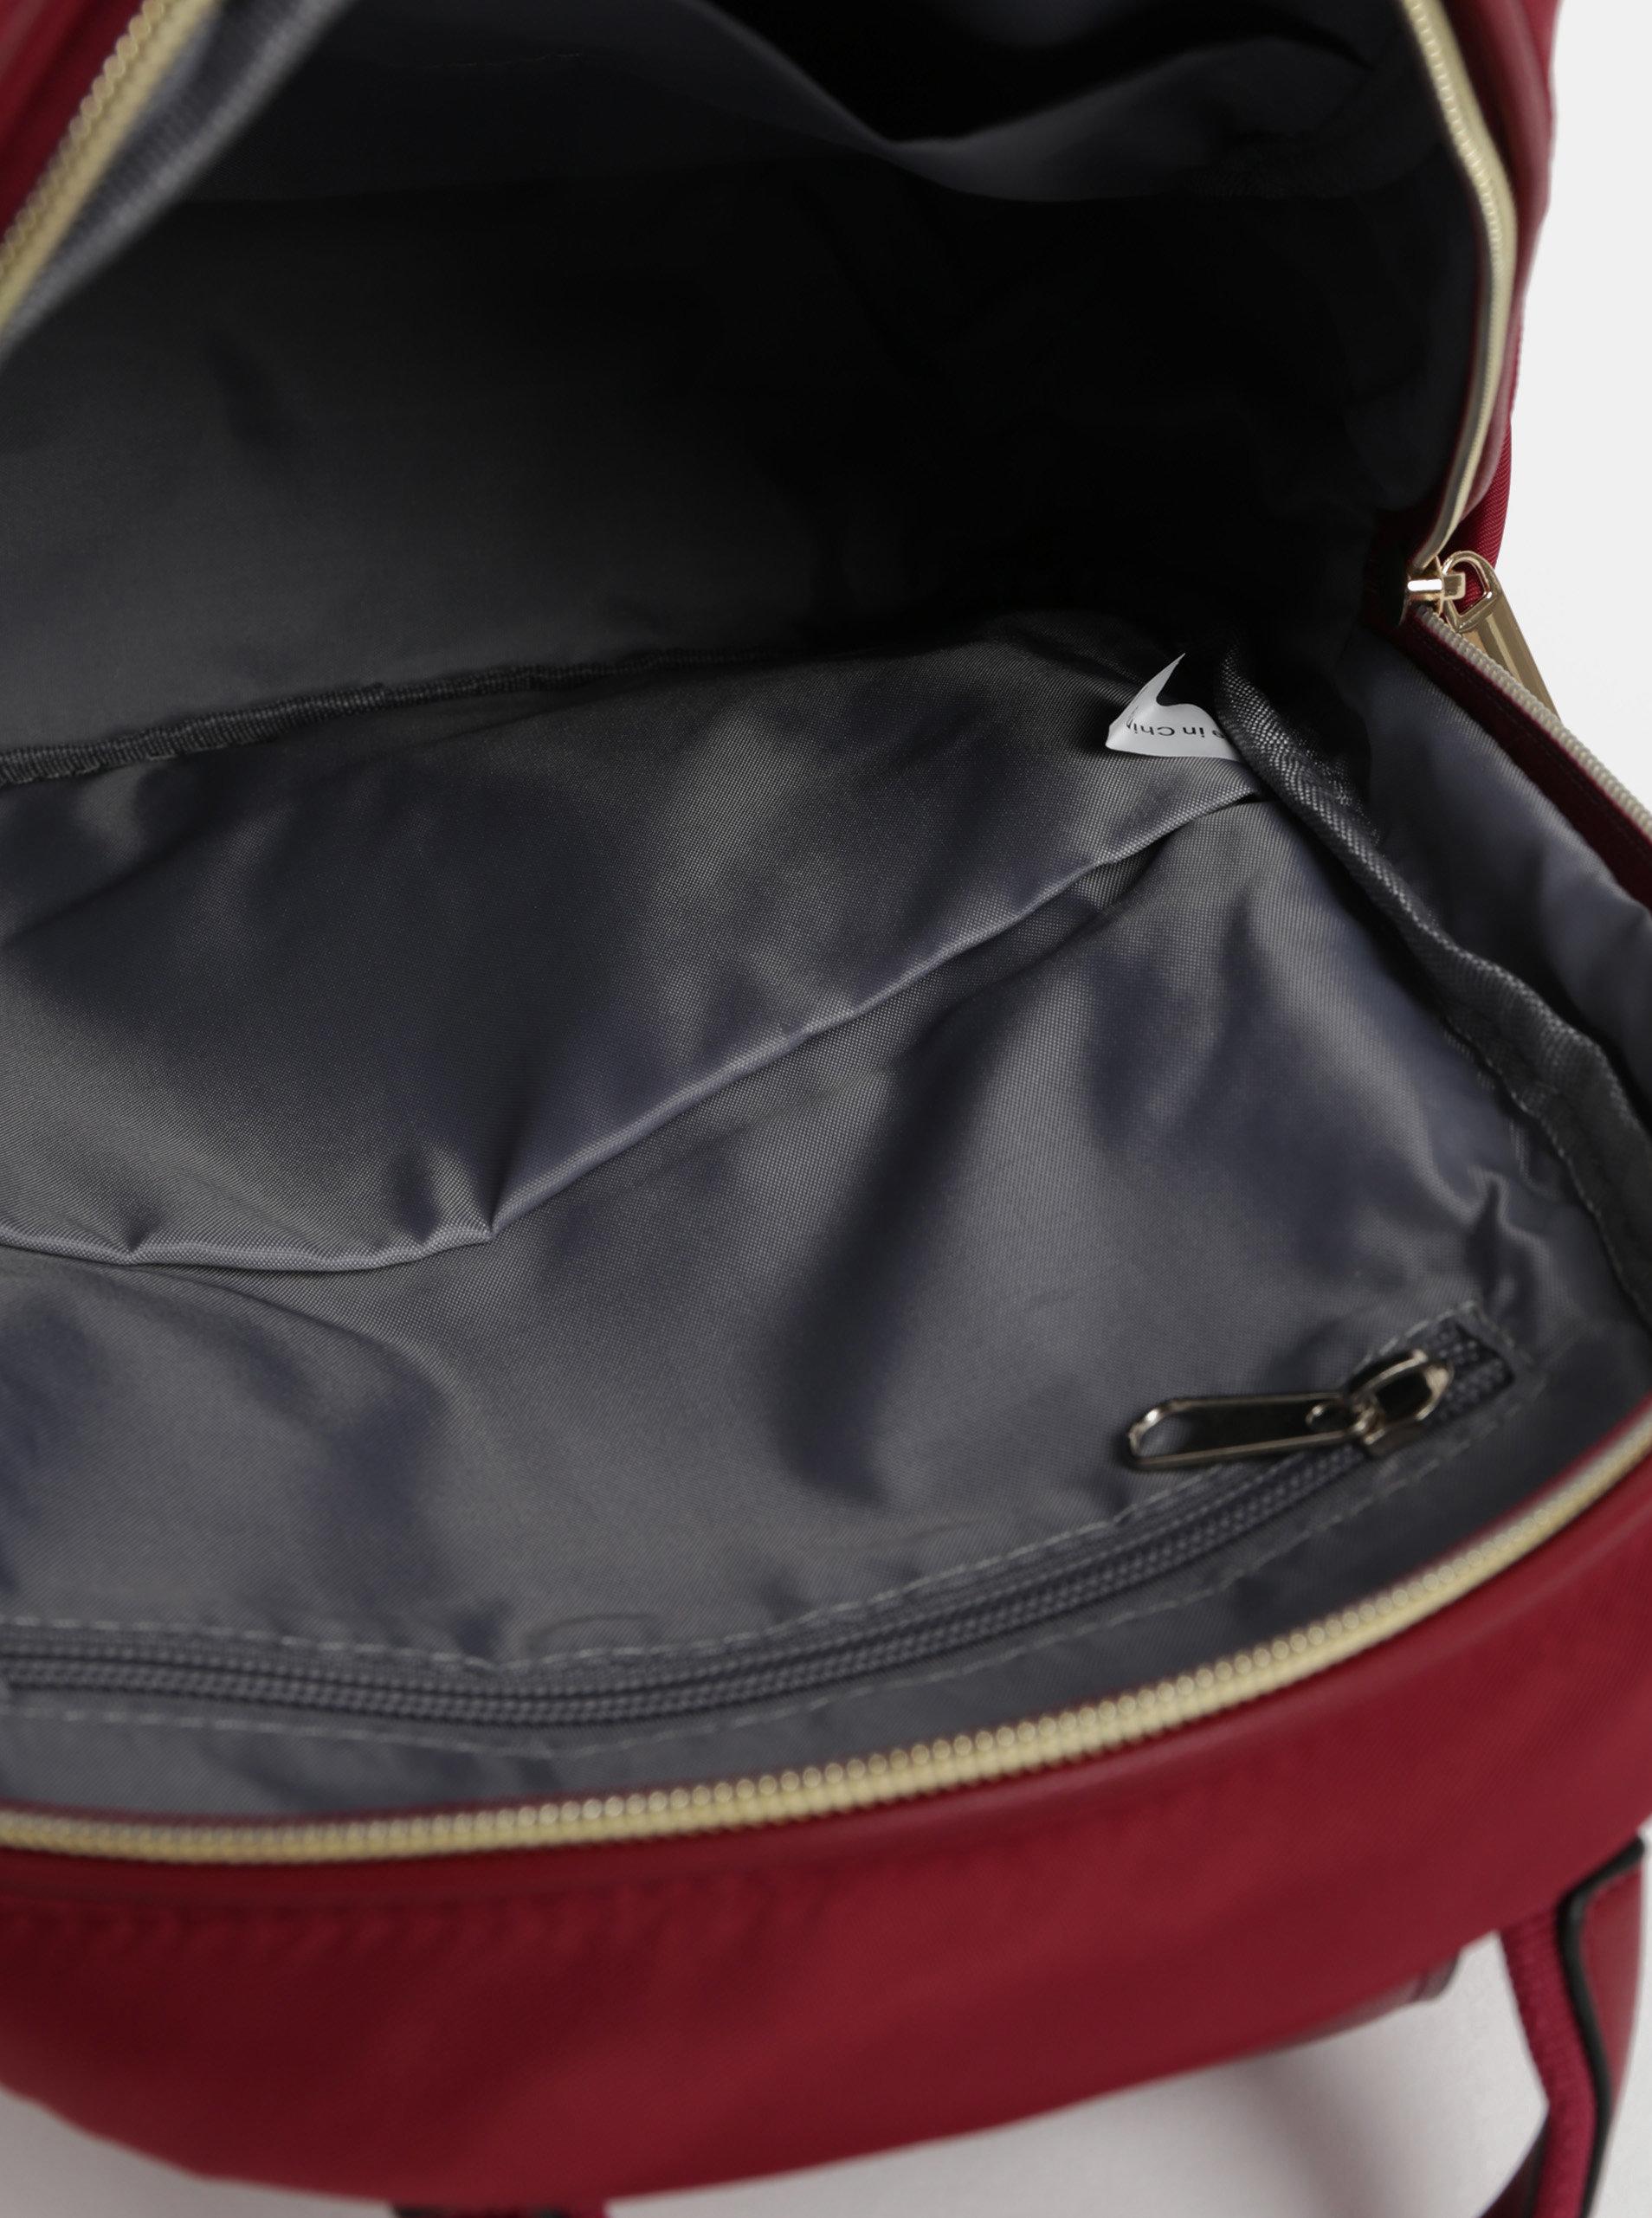 Červený batoh s detaily ve zlaté barvě ZOOT ... bc57d2b6850